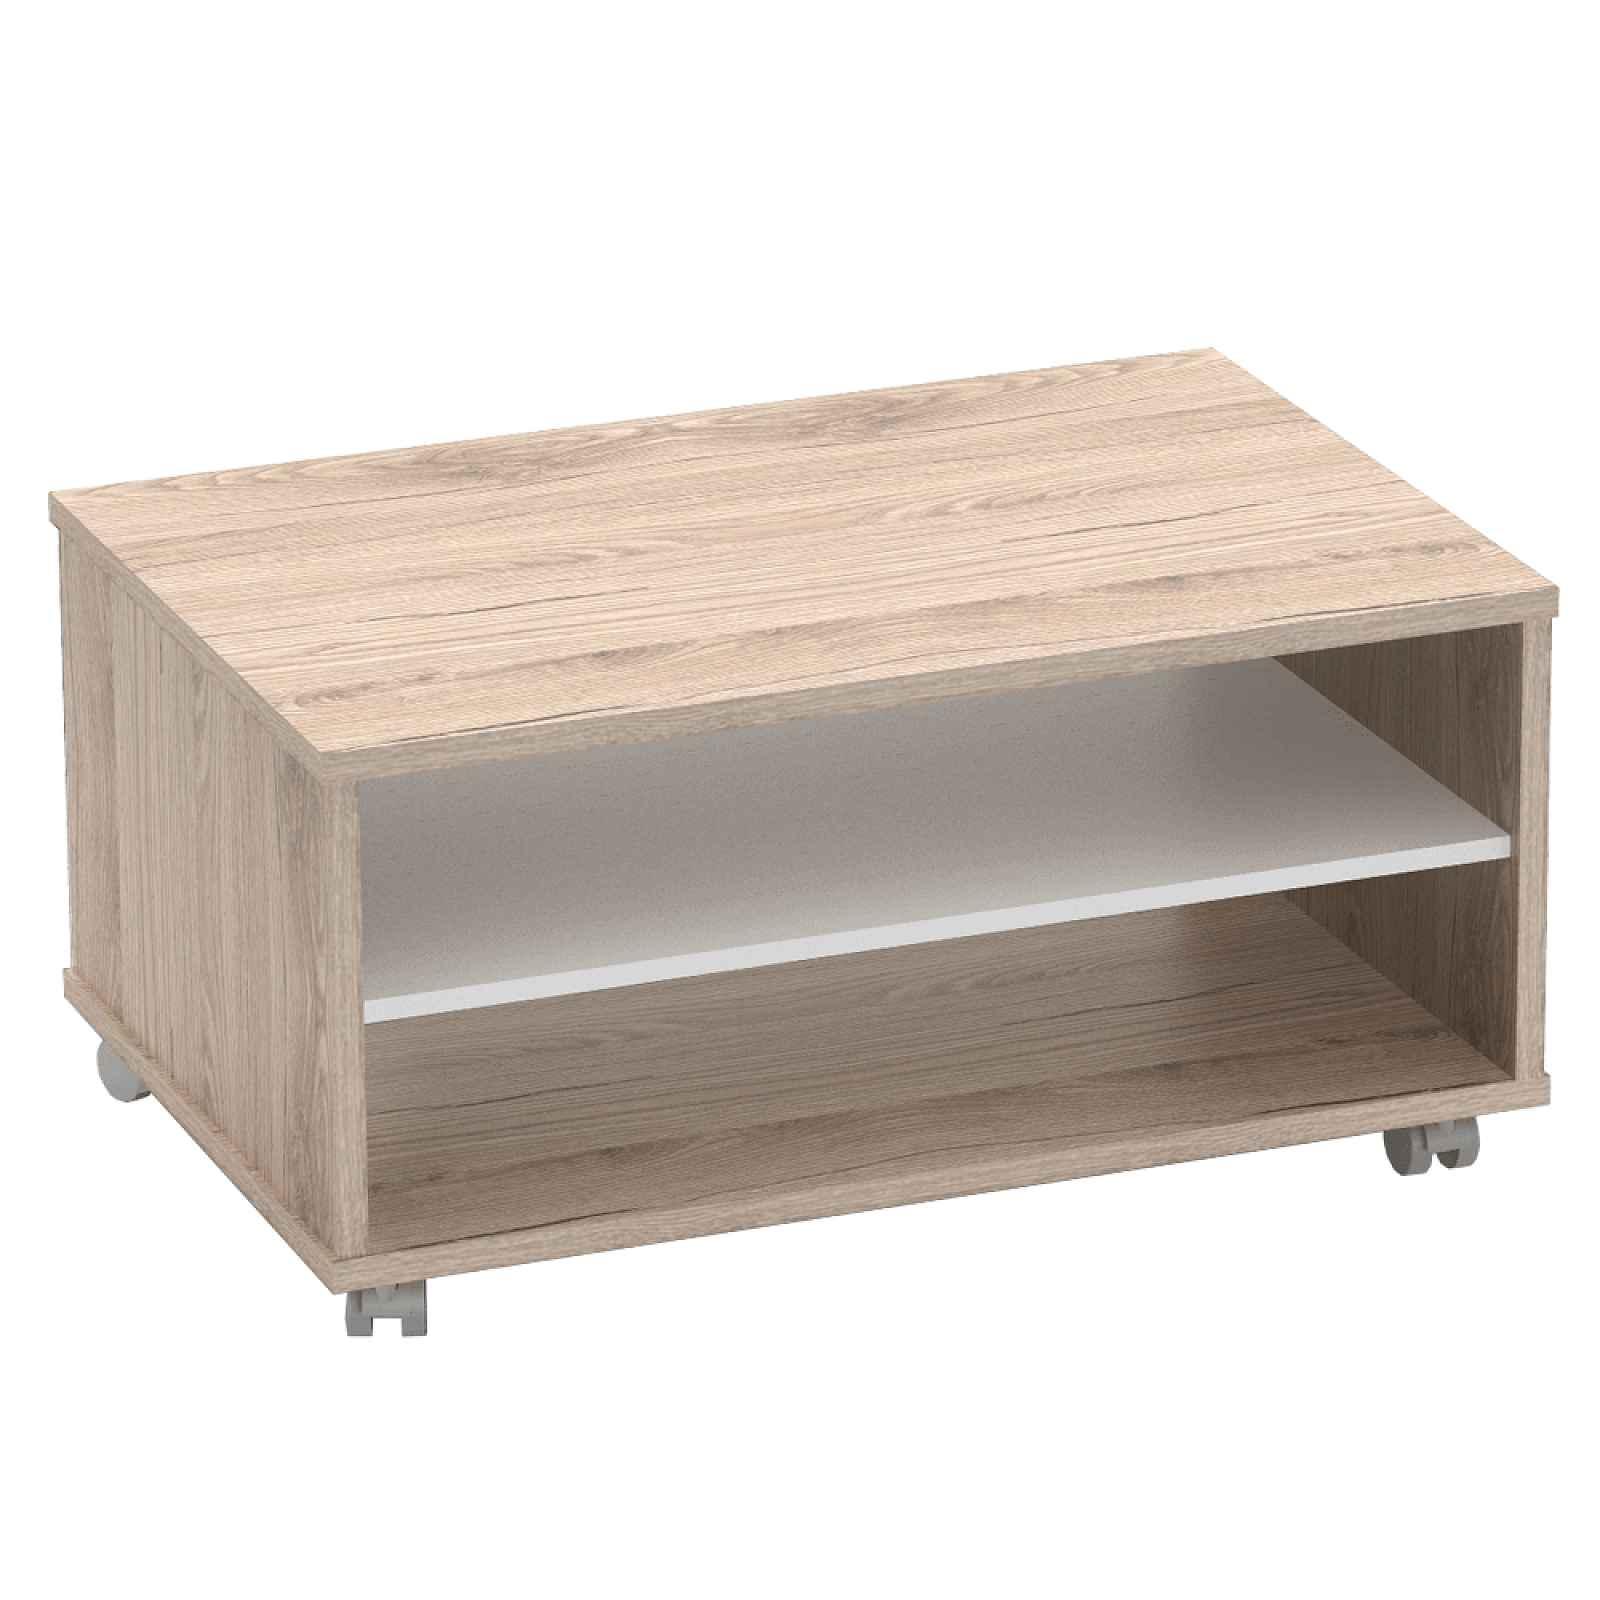 Konferenční stolek RIOMA TYP 32 Tempo Kondela Dub san remo / bílá